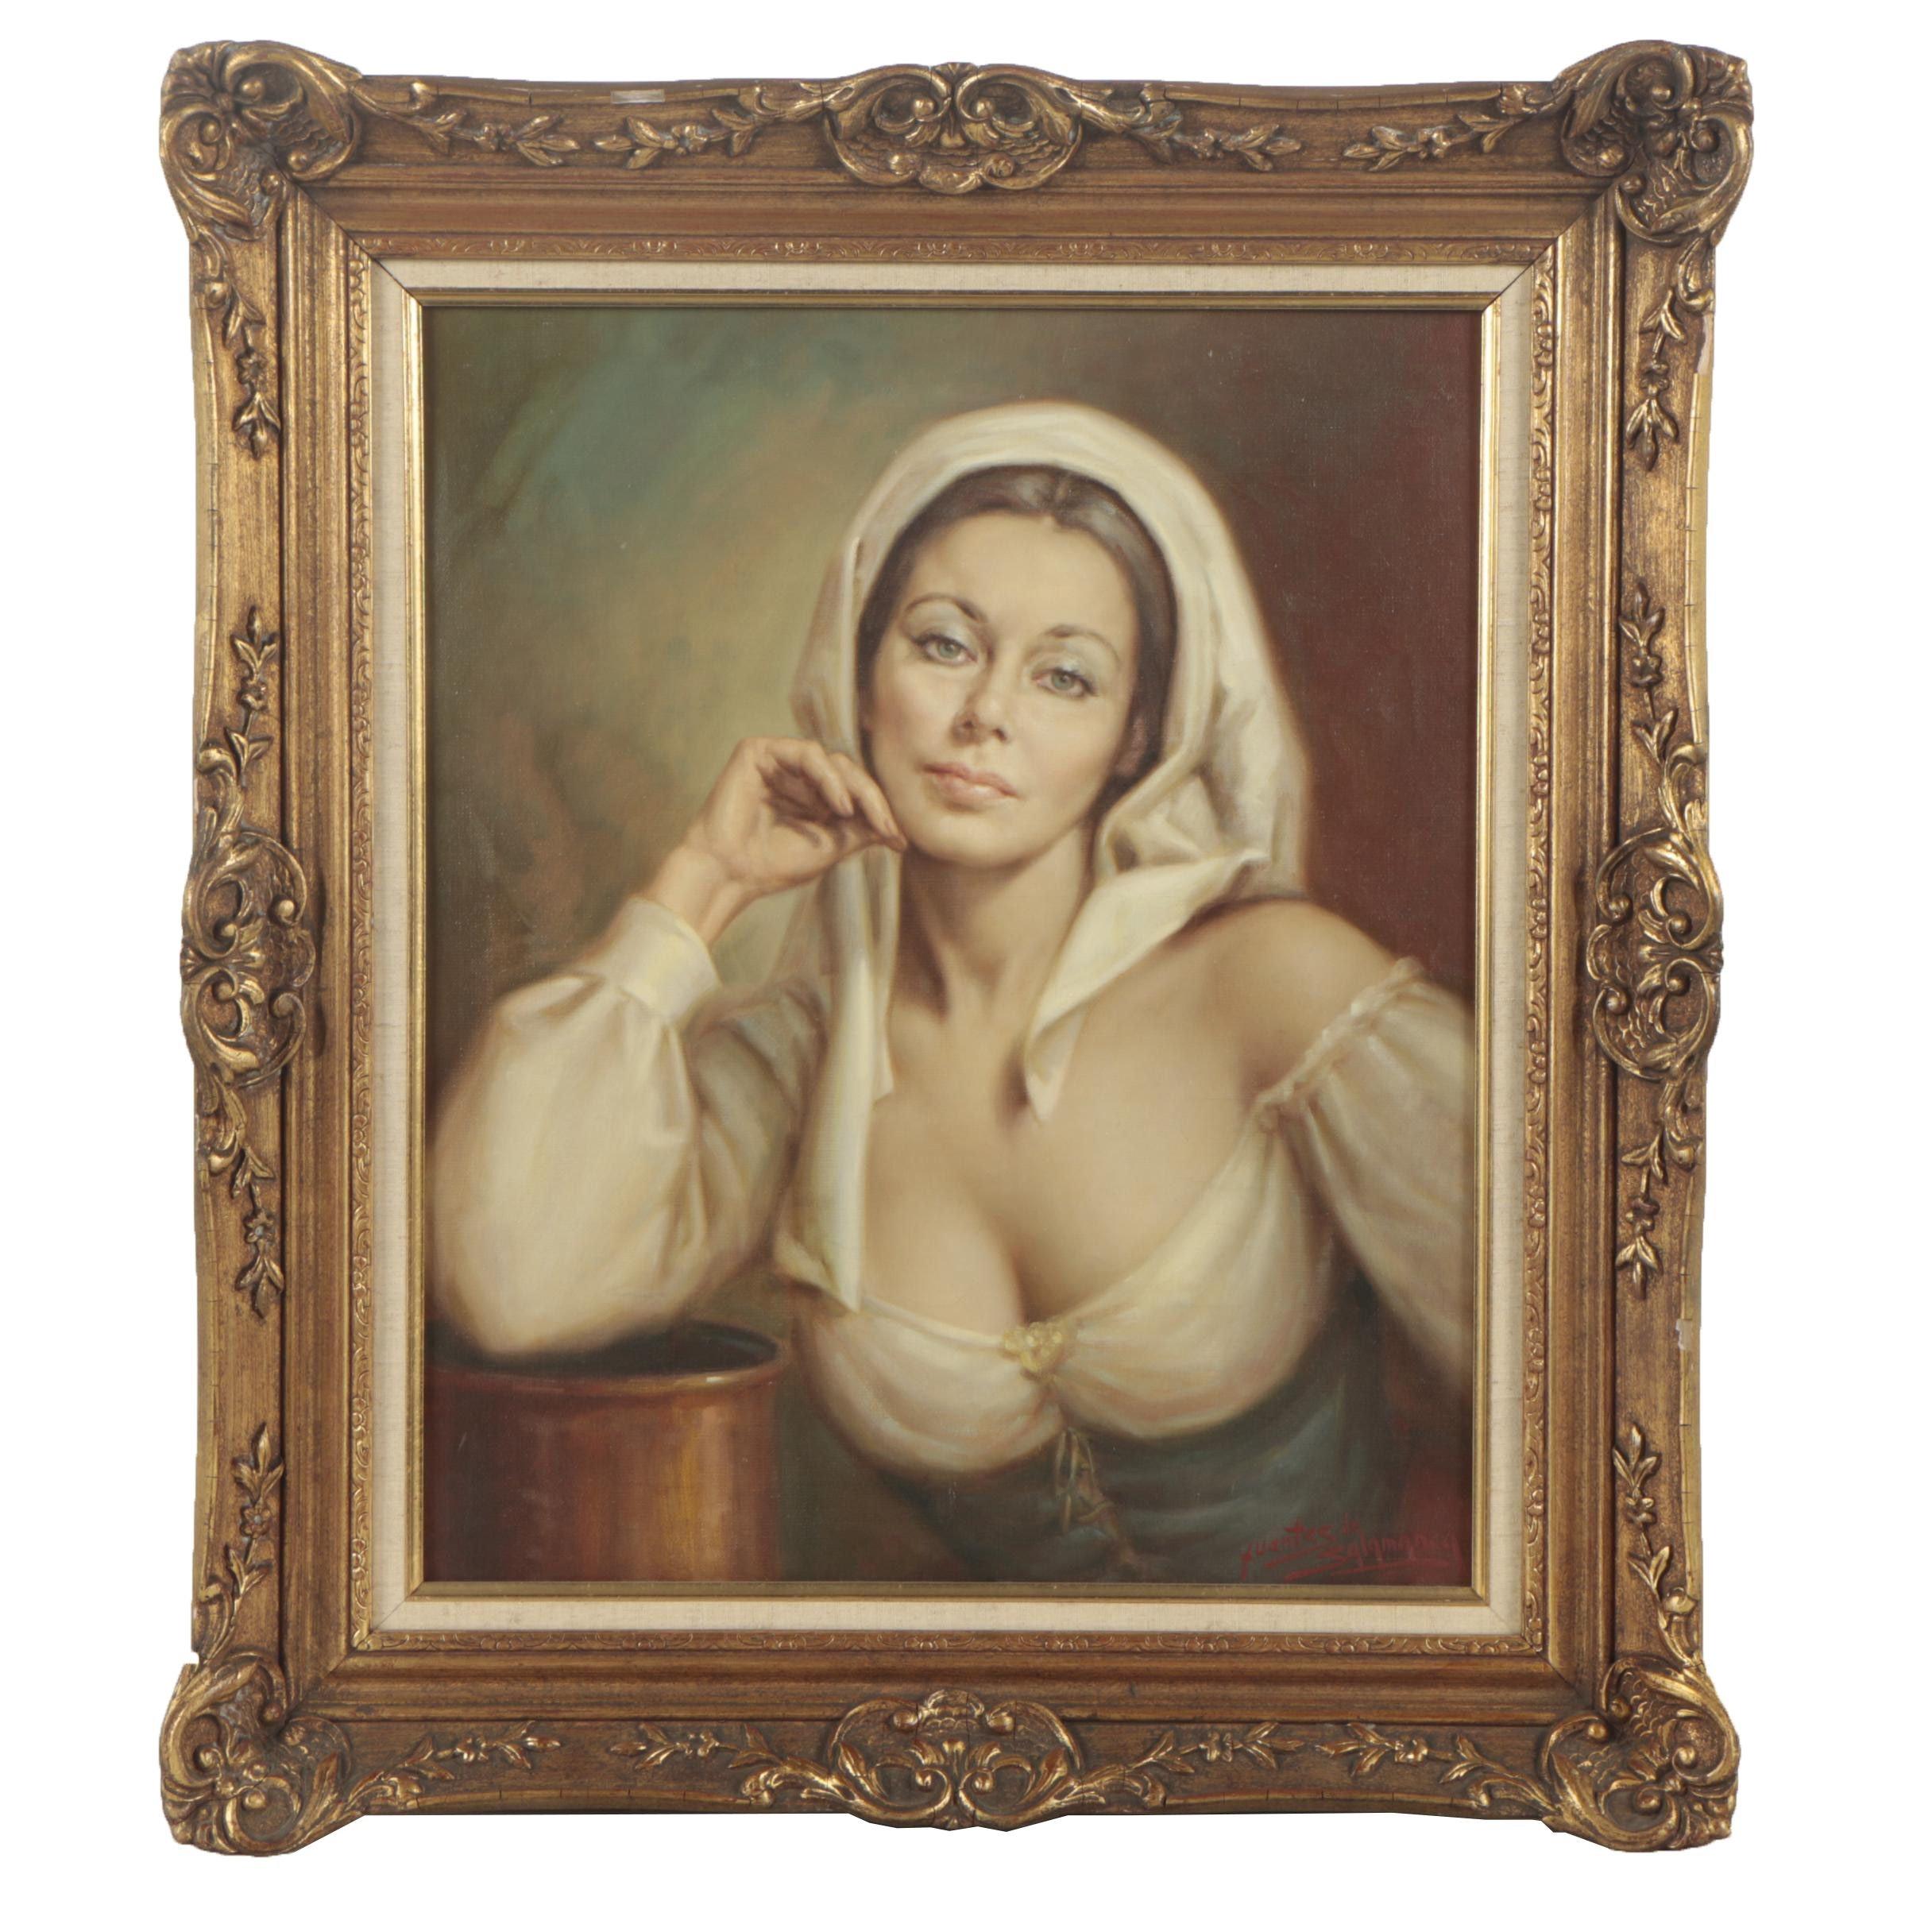 Jose Fuentes de Salamanca Oil Painting Portrait of Young Woman